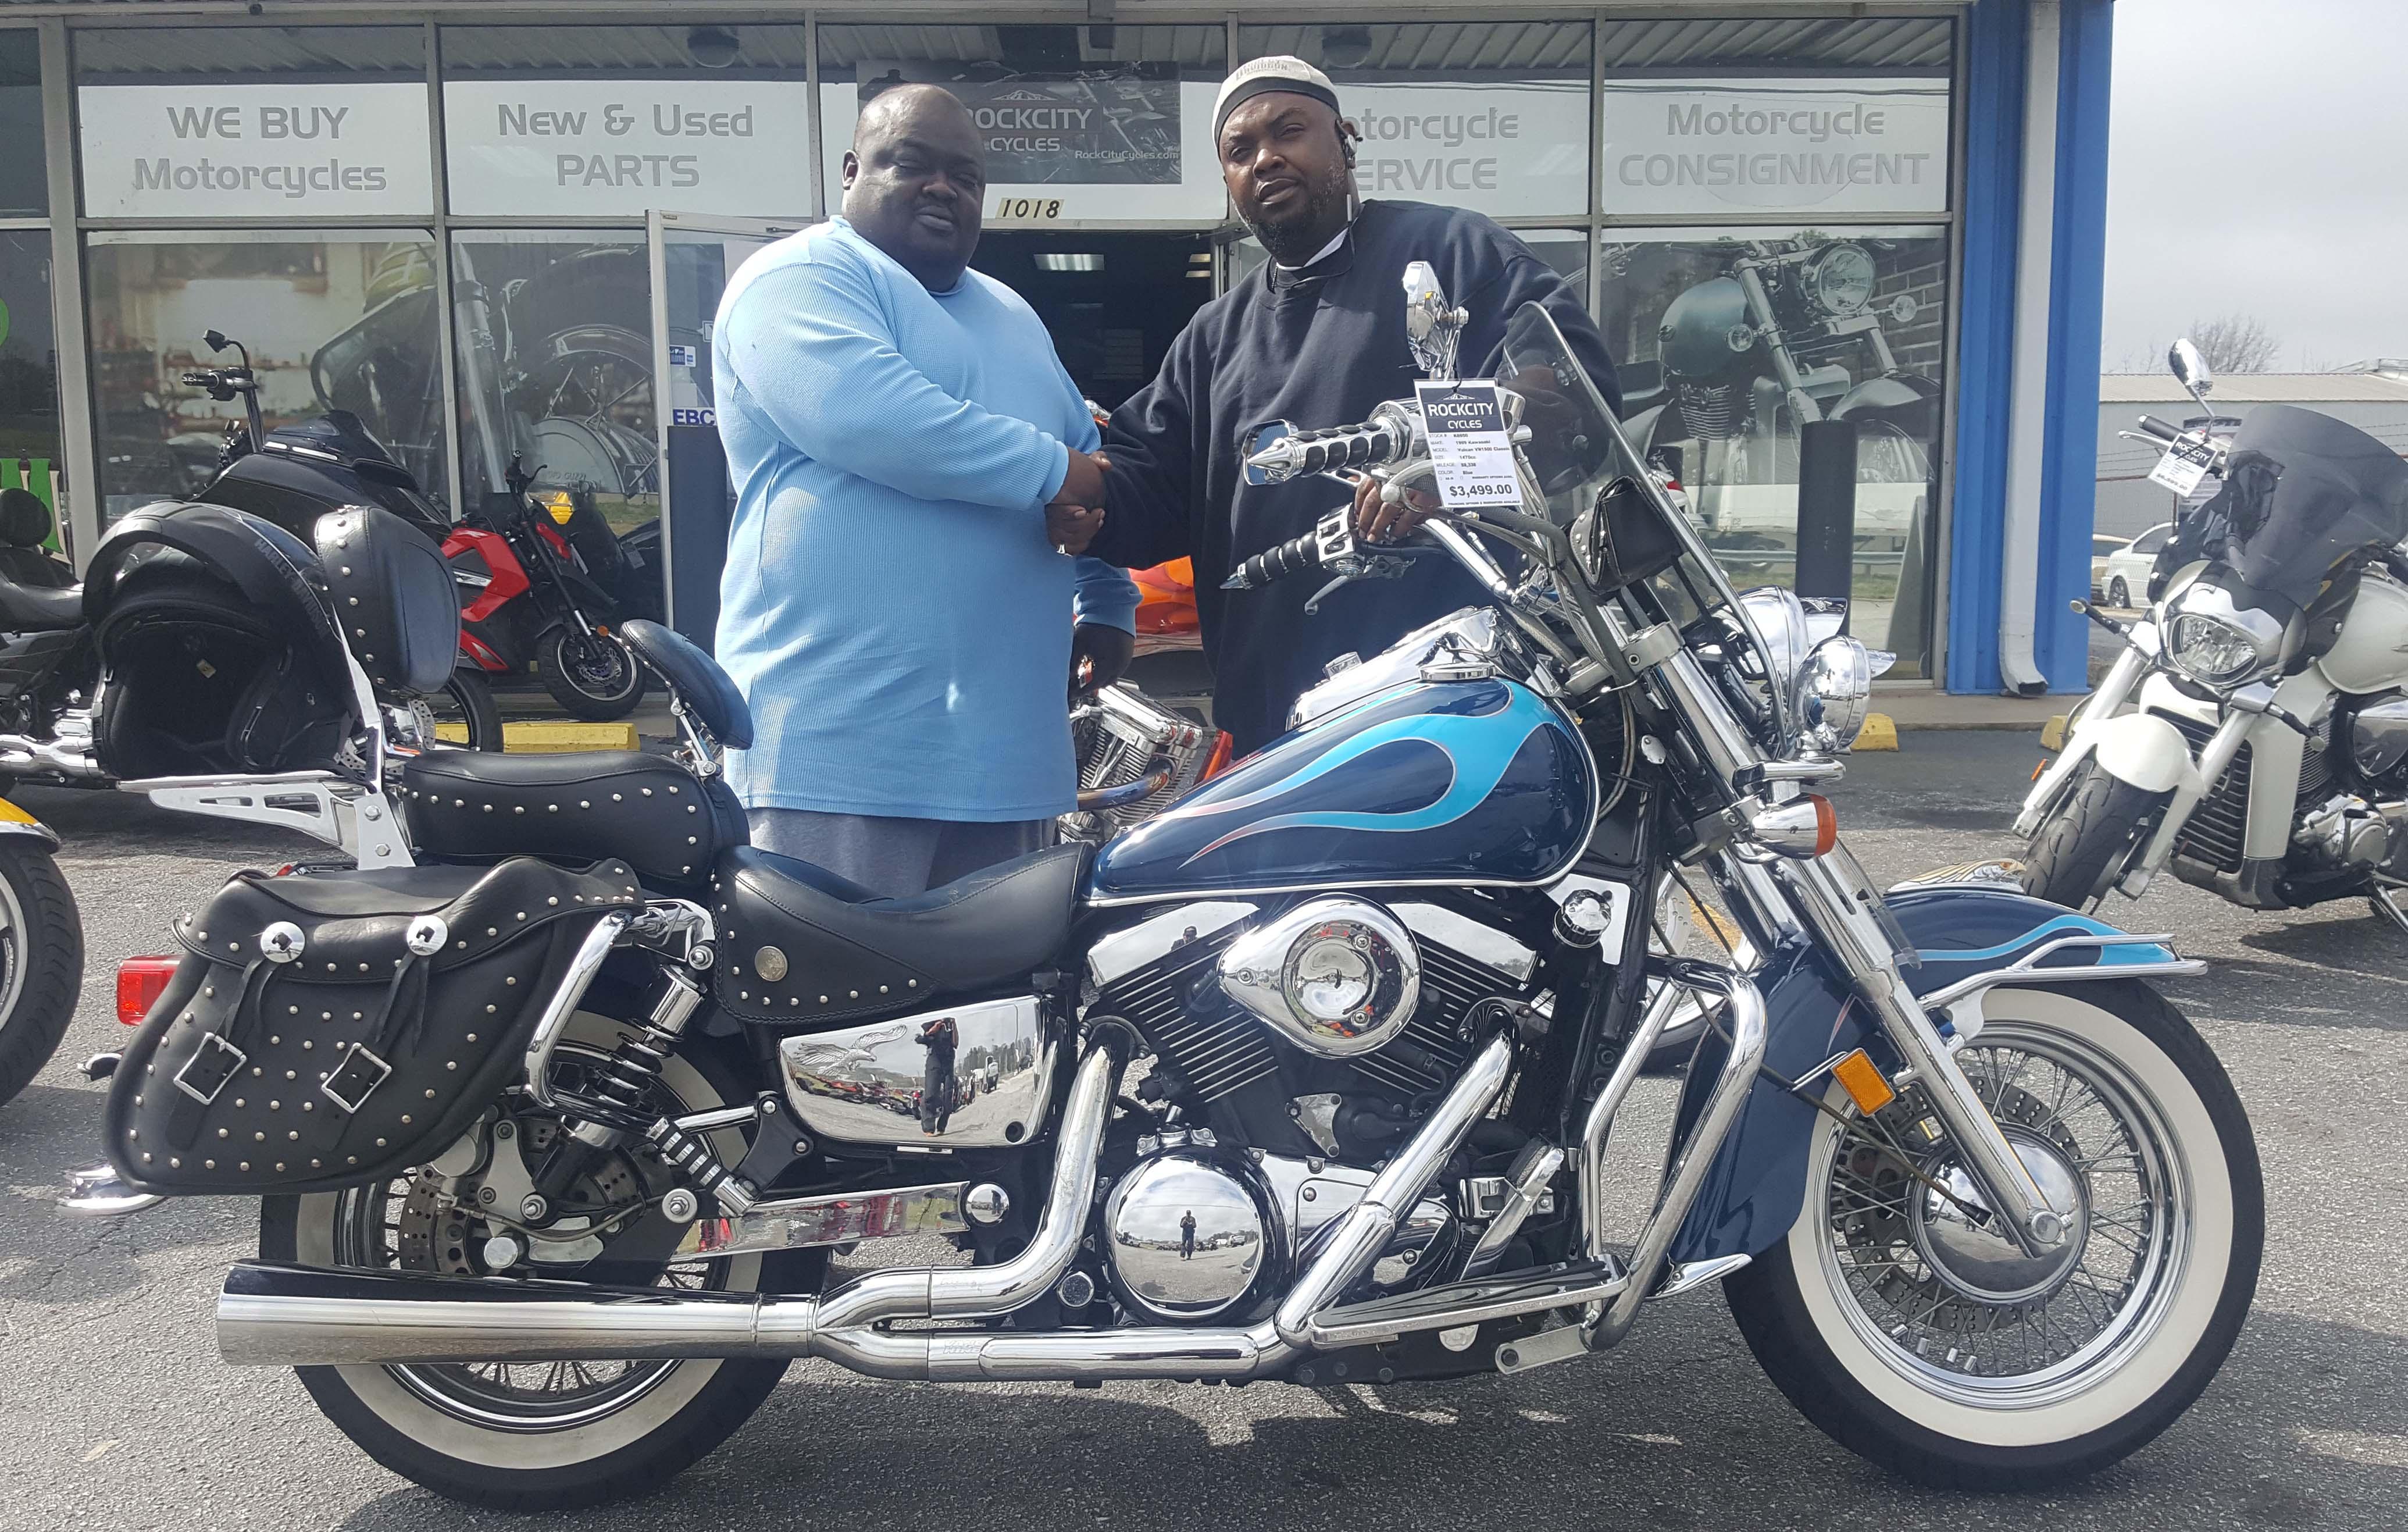 Lonnie A. with his 1999 Kawasaki Vulcan Classic VN1500